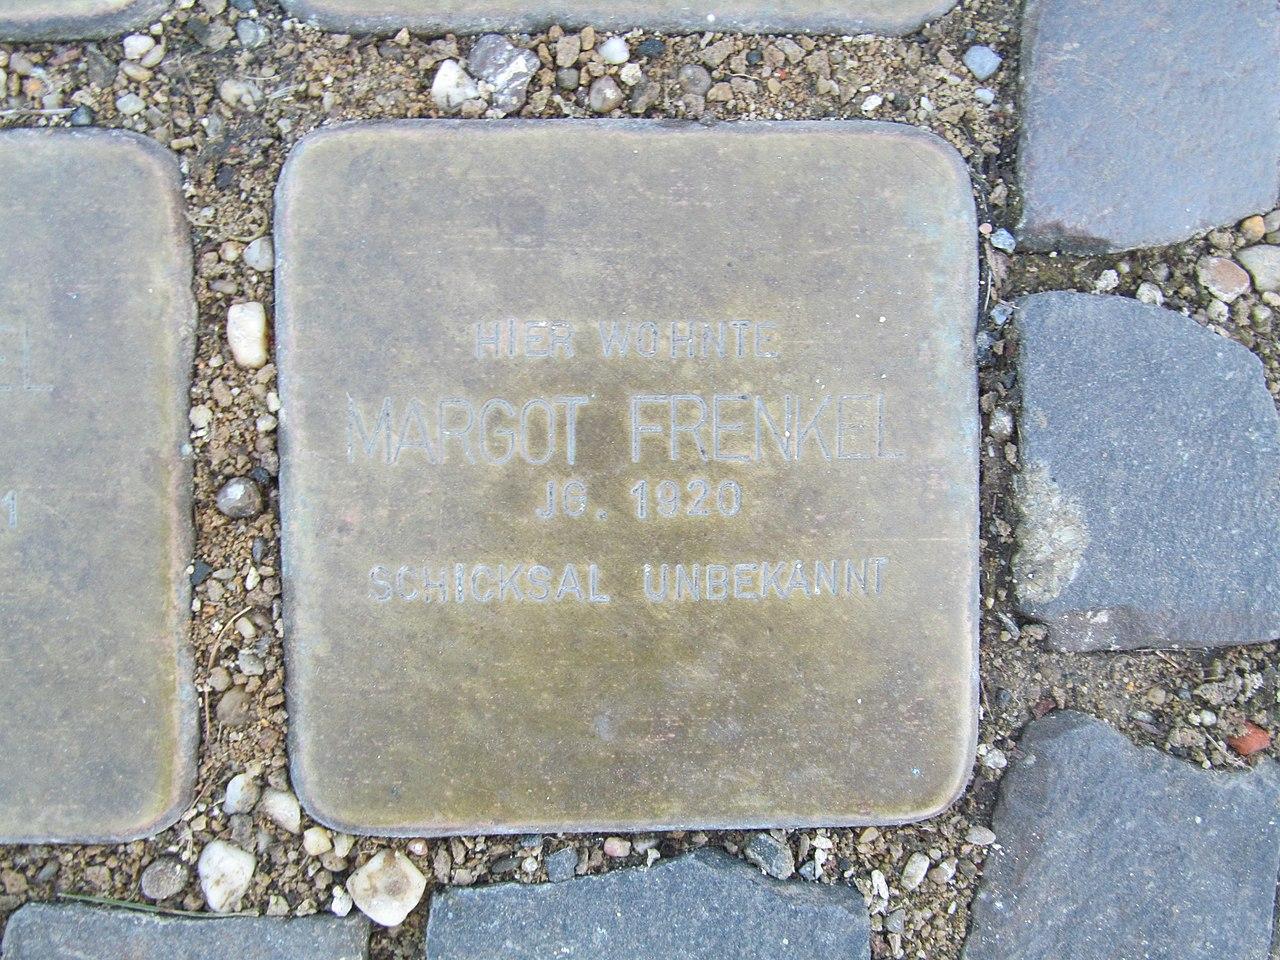 Stolperstein Margot Frenkel, 1, Bahnhofstraße 21, Wabern, Schwalm-Eder-Kreis.jpg